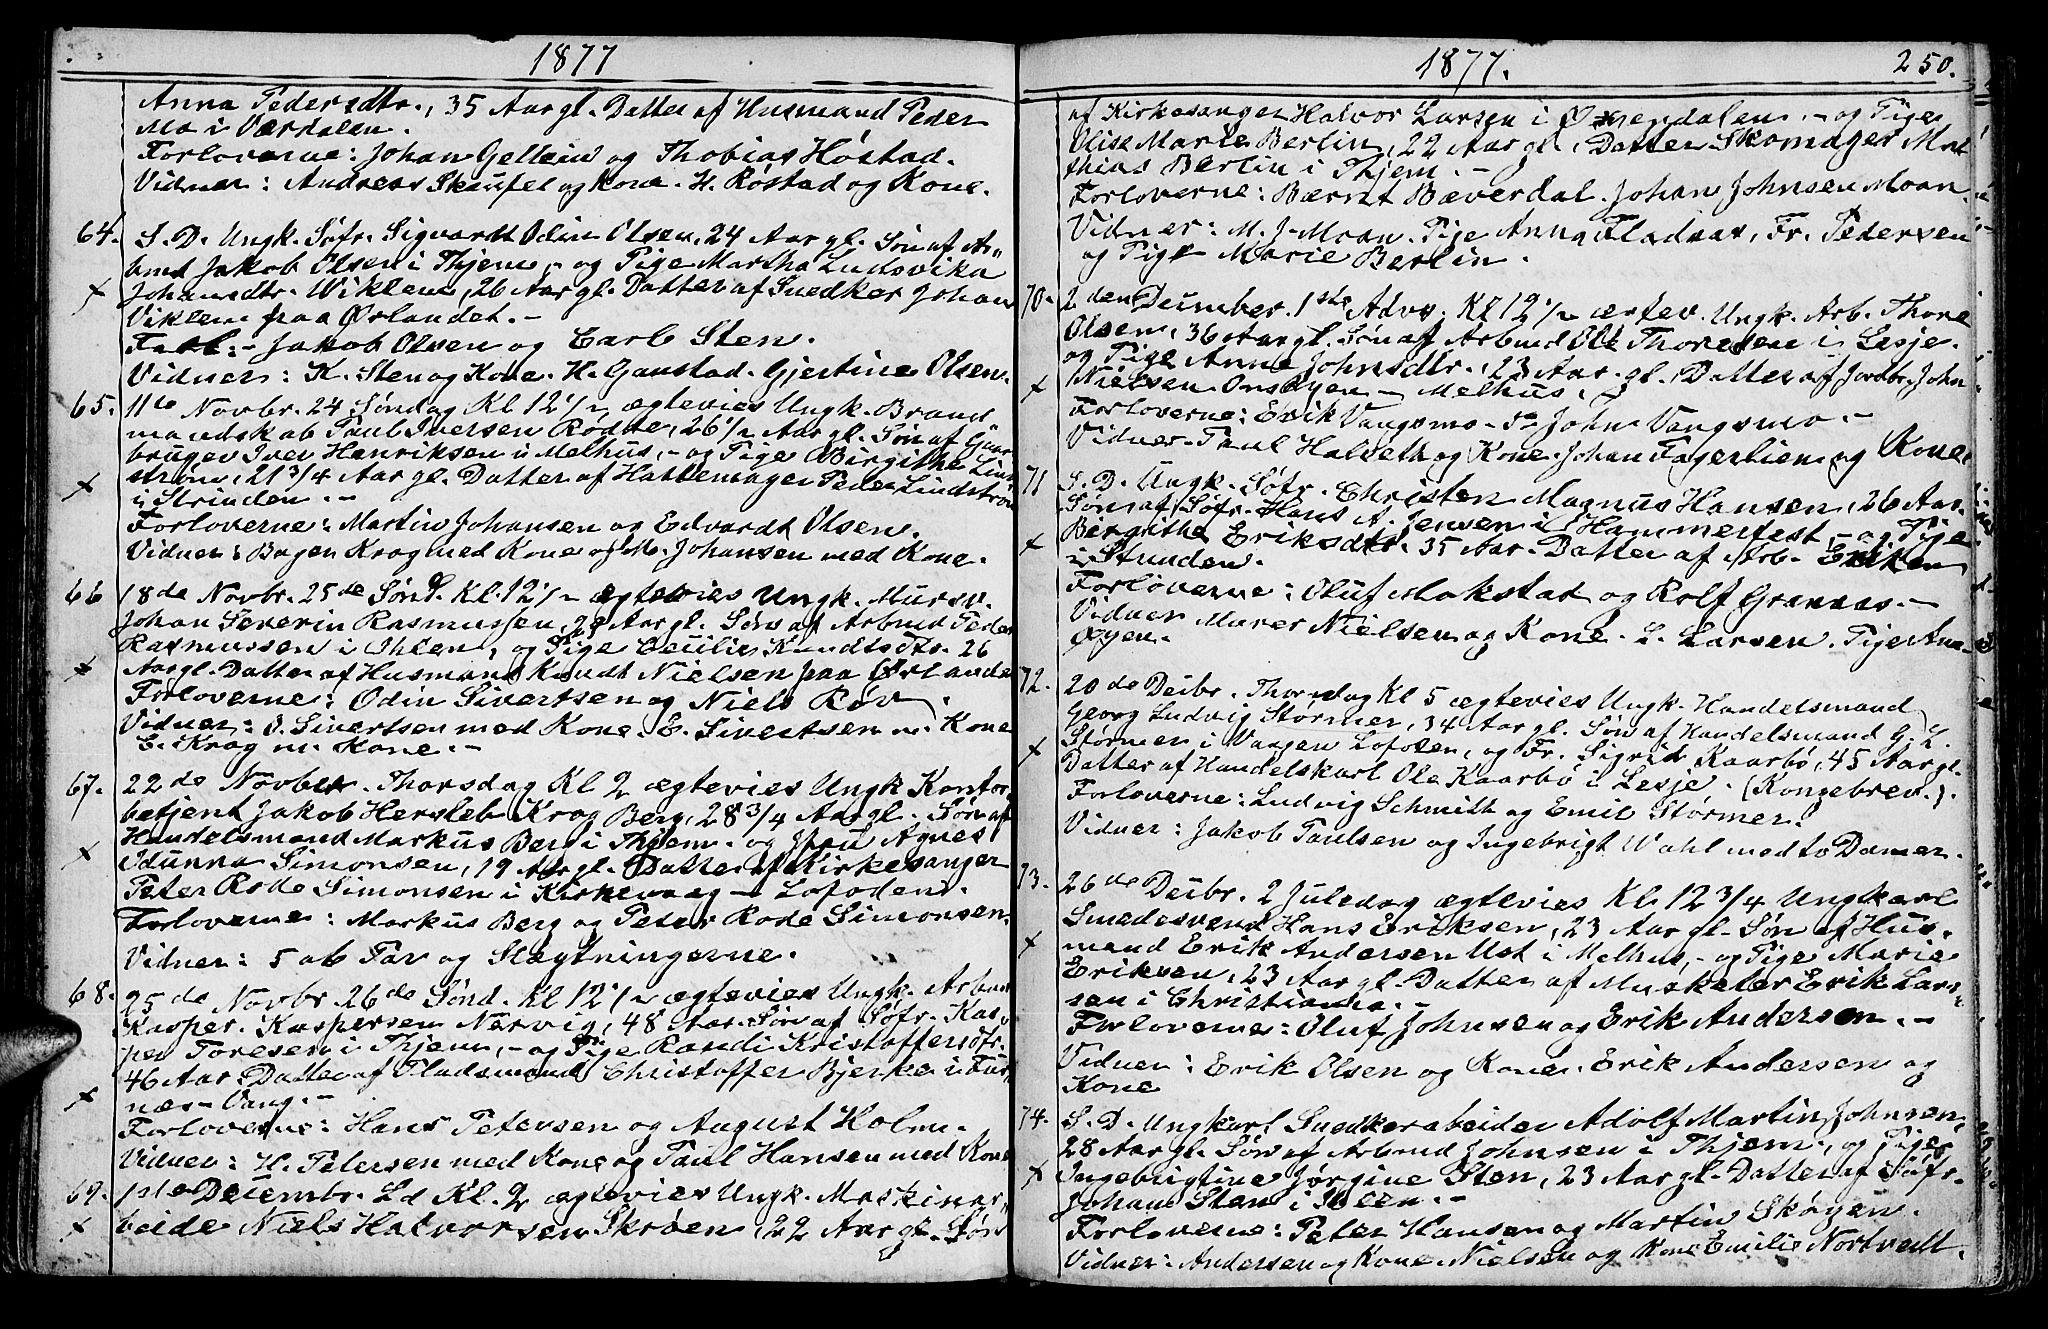 SAT, Ministerialprotokoller, klokkerbøker og fødselsregistre - Sør-Trøndelag, 602/L0142: Klokkerbok nr. 602C10, 1872-1894, s. 250